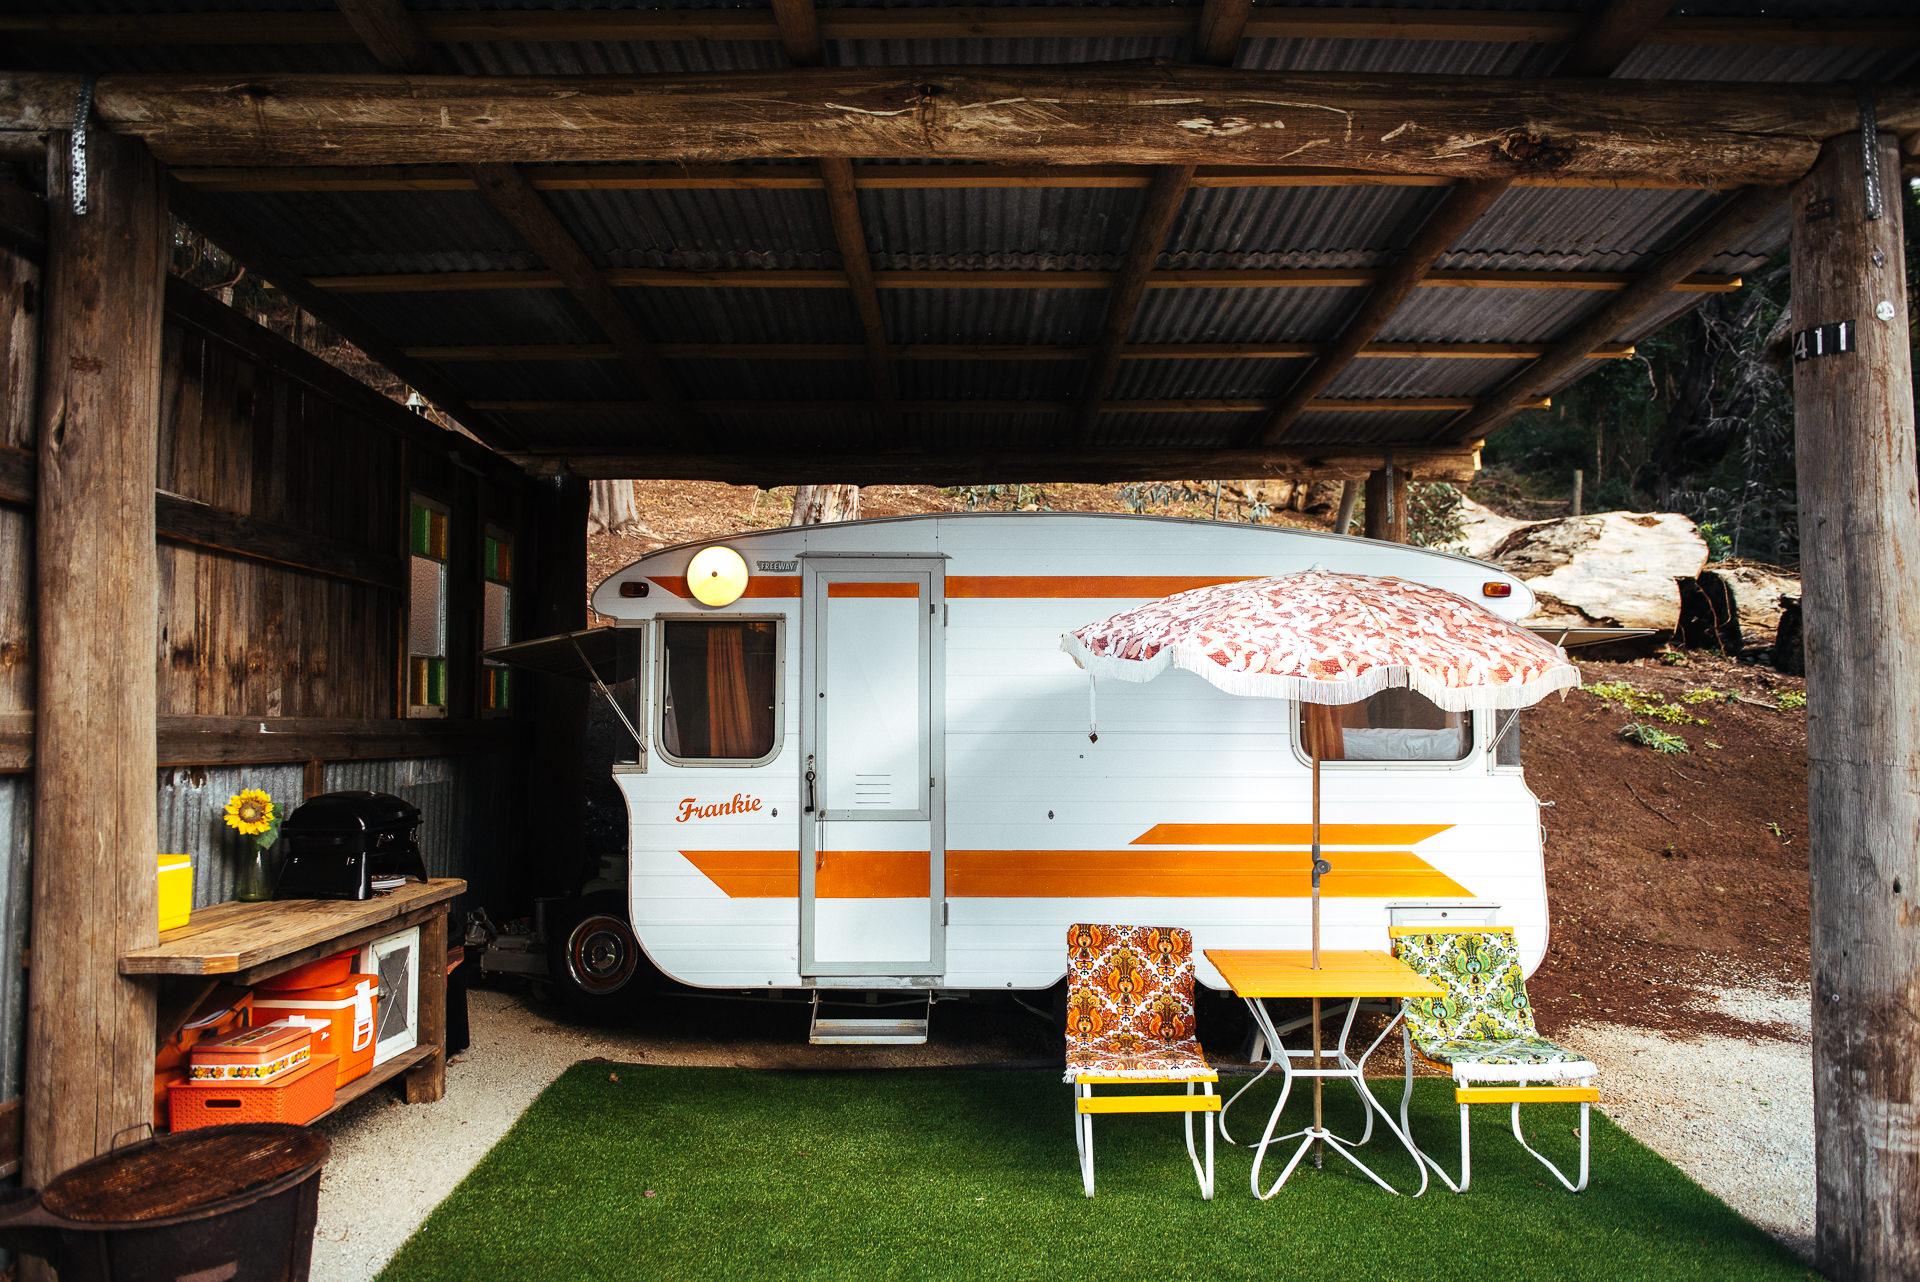 Frankie Vintage Caravan 01 Jaccob McKay Studios.jpg